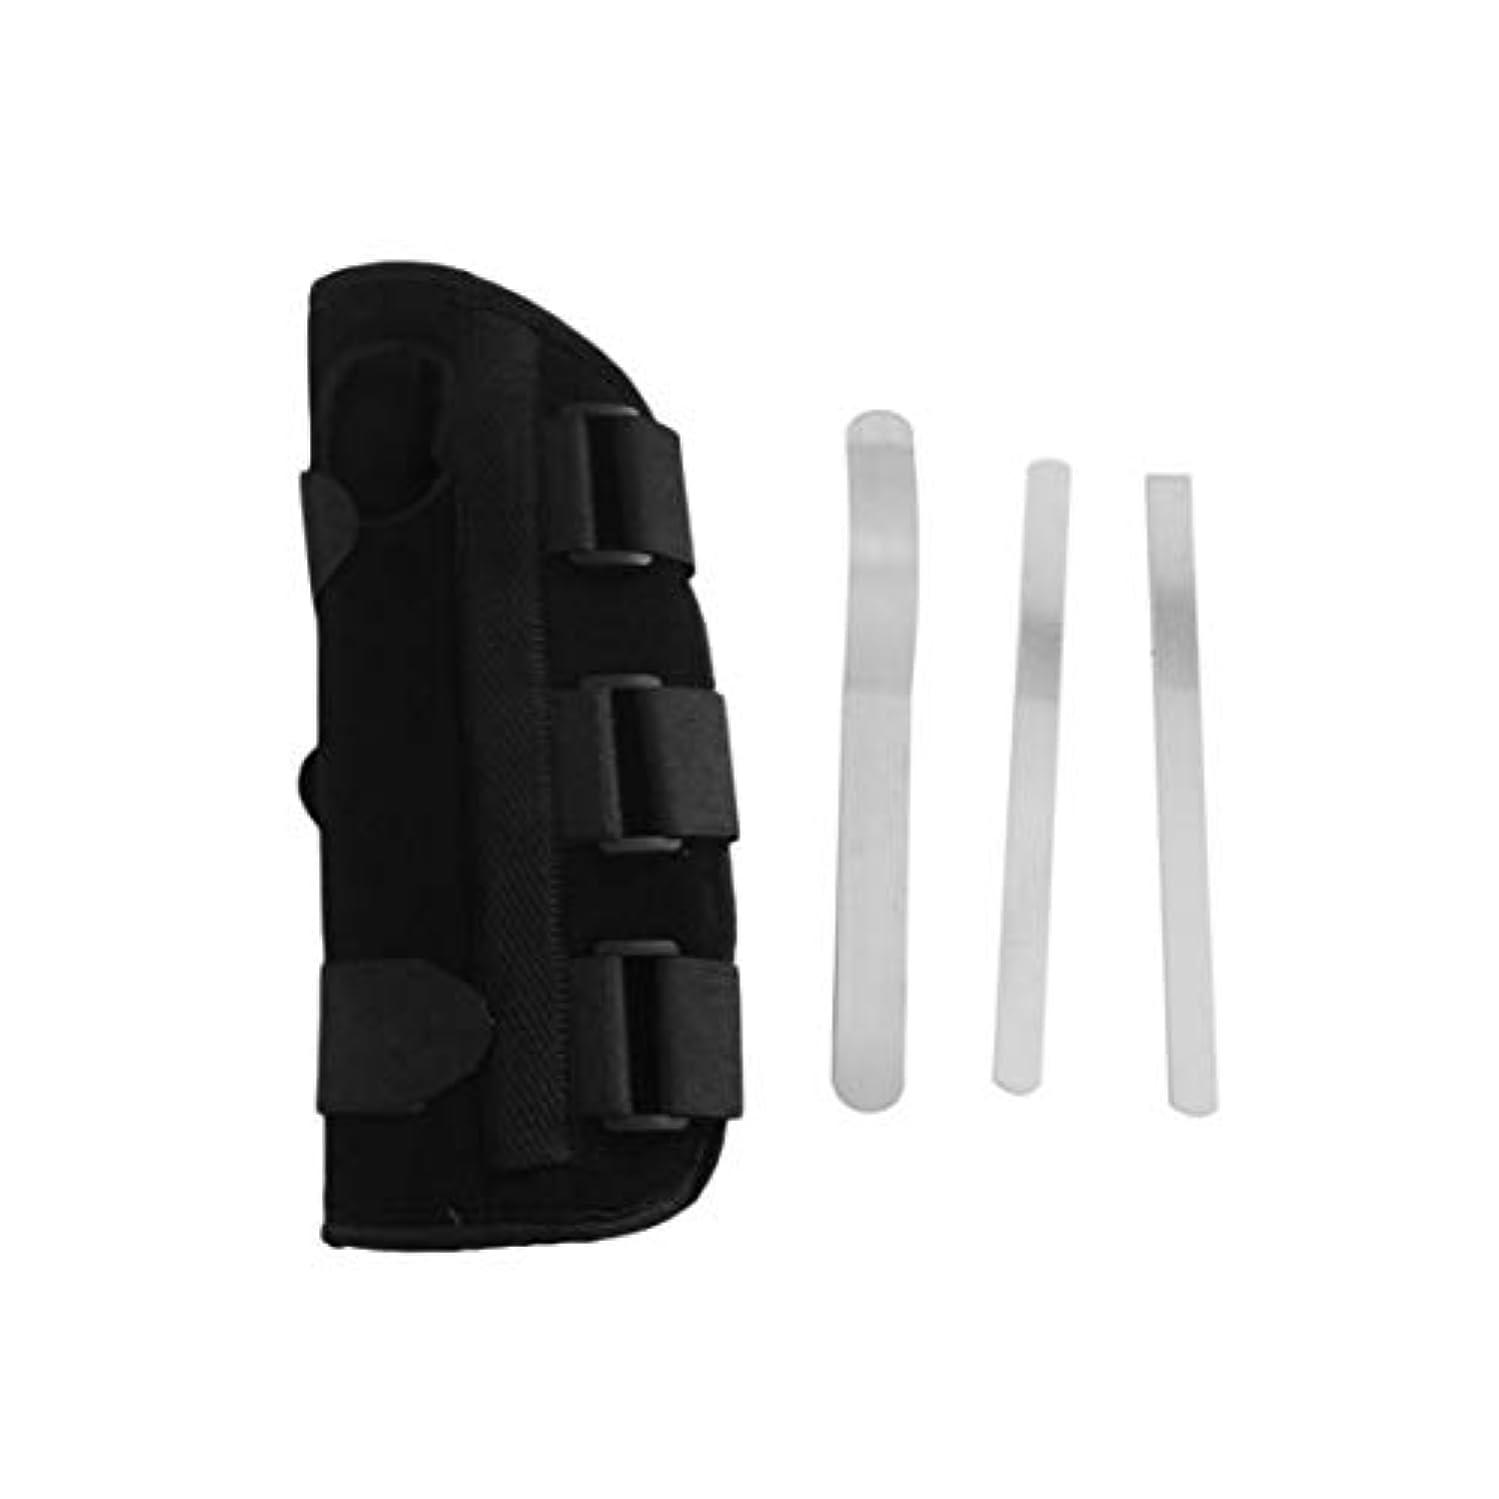 生まれホーン本物の手首副木ブレース保護サポートストラップカルペルトンネルCTS RSI痛み軽減リムーバブル副木快適な軽量ストラップ - ブラックM